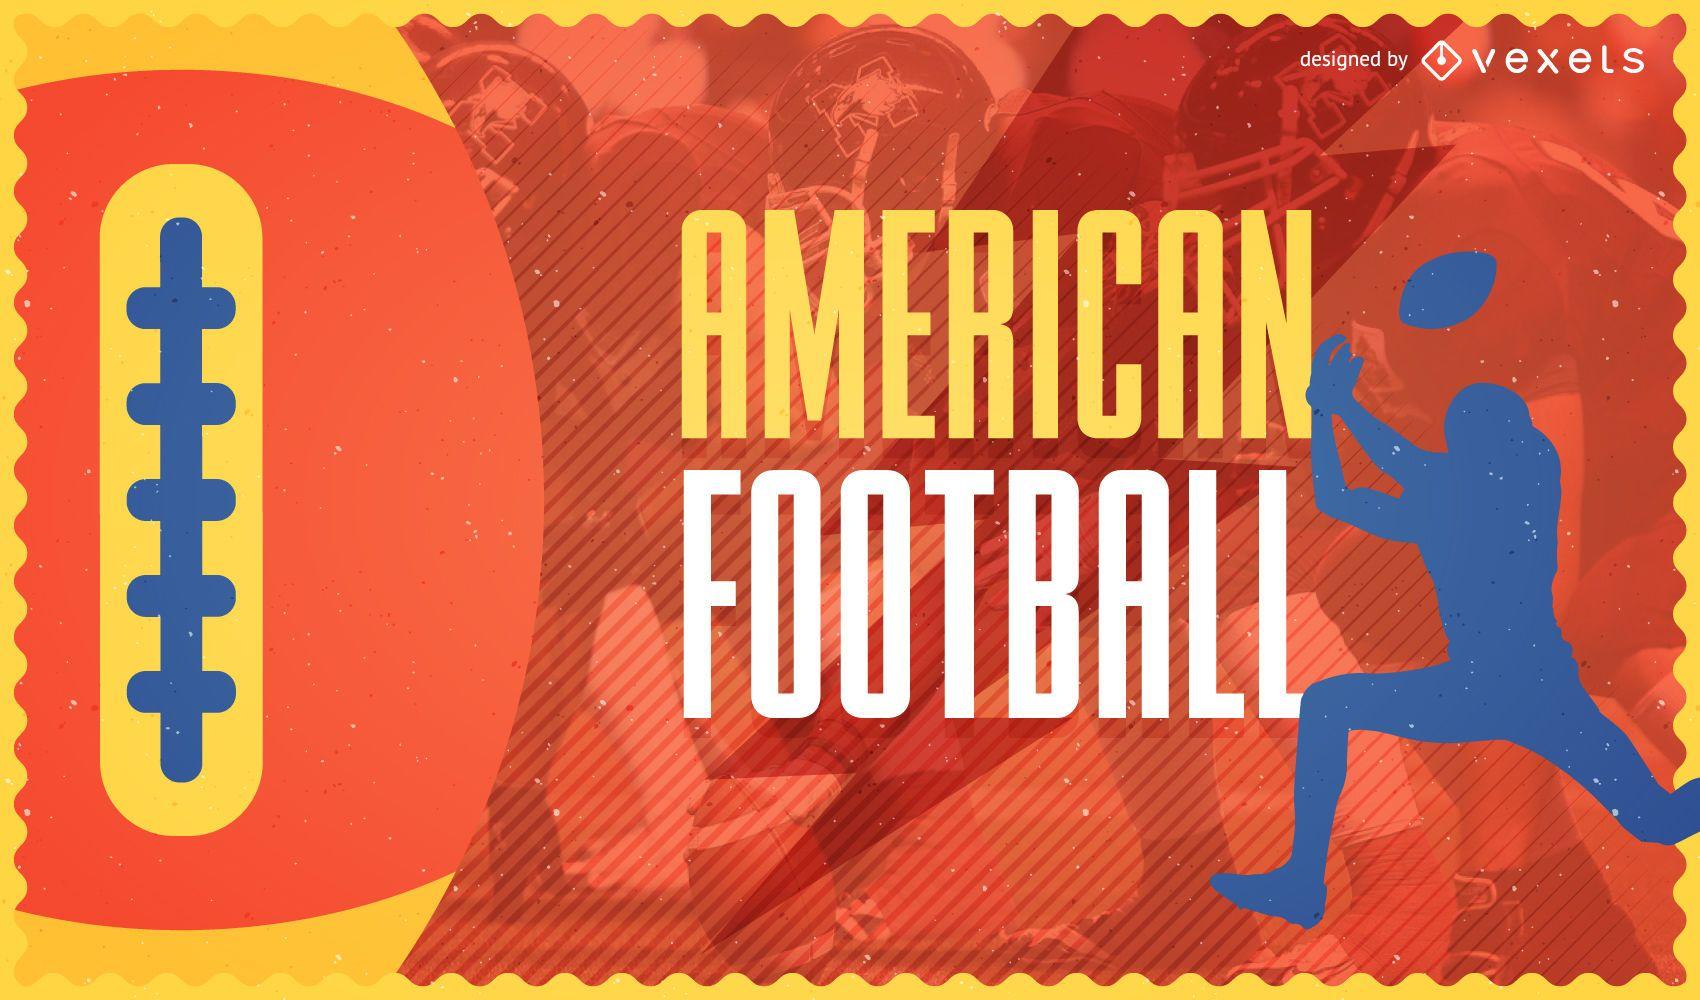 Cartel de fútbol americano colorido